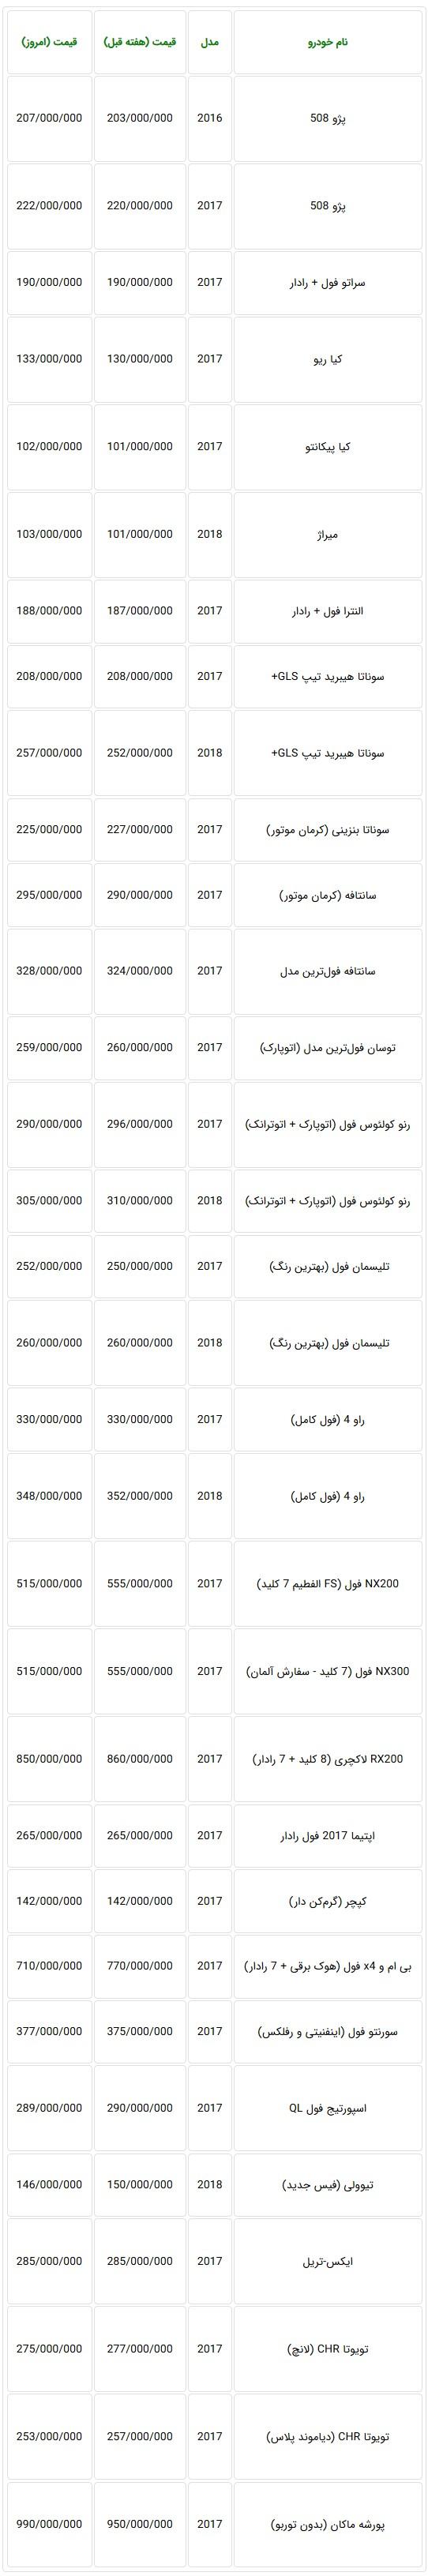 جدول جدیدترین قیمت خودروهای وارداتی در بازار-20 اسفند